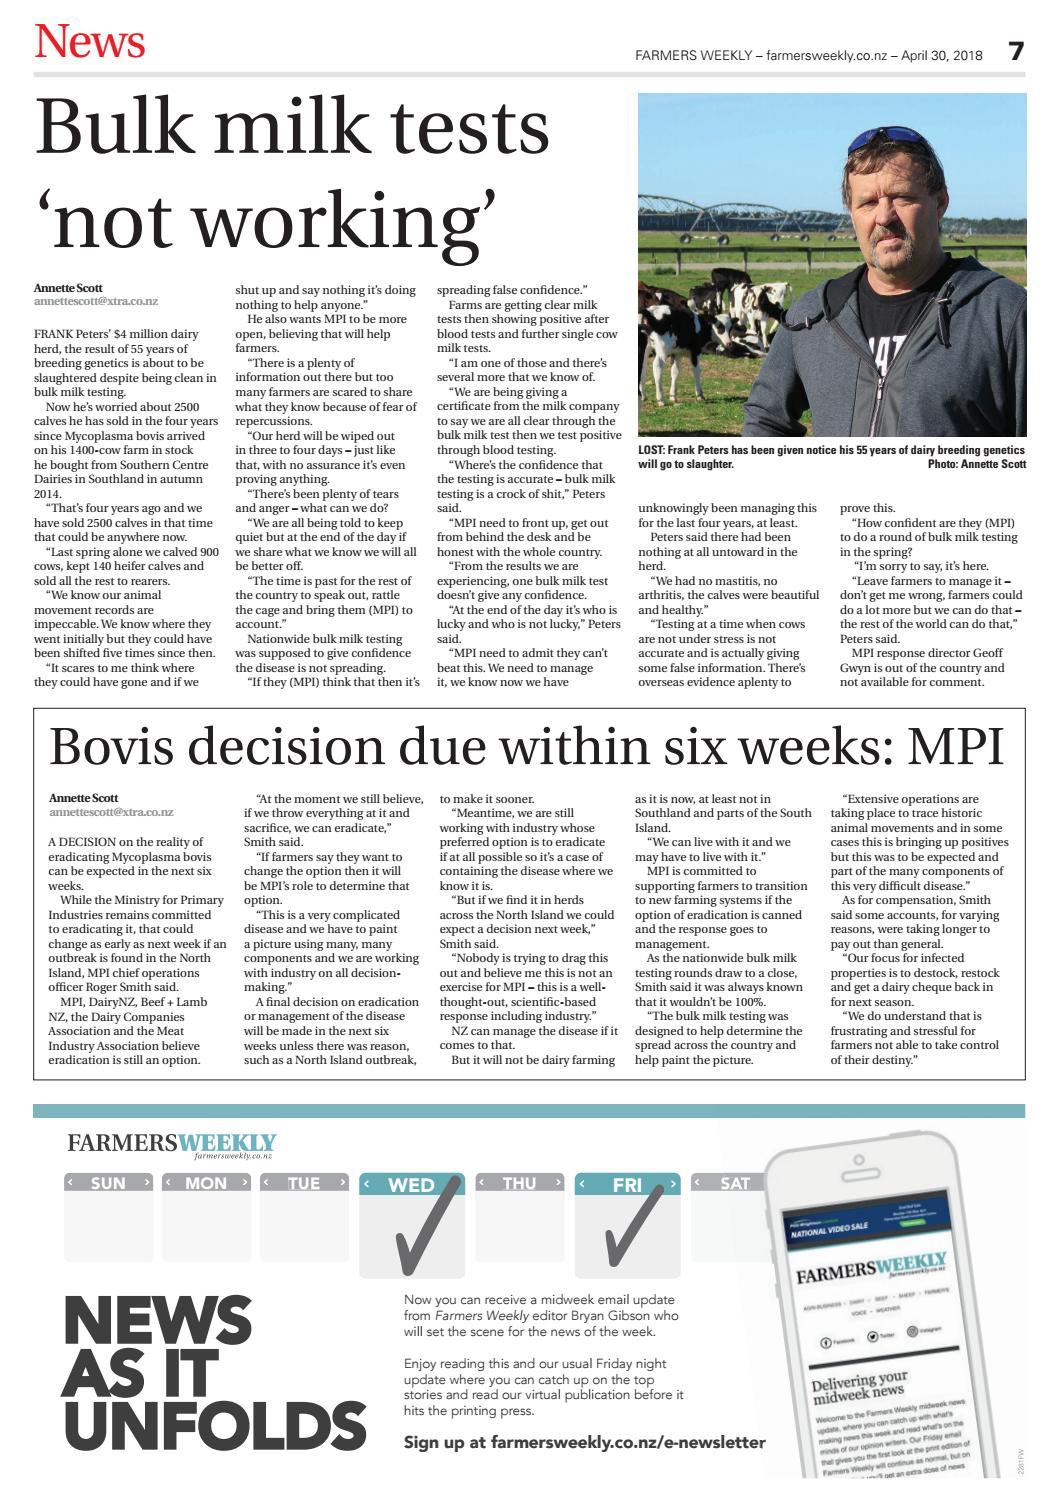 Farmers Weekly NZ April 30 2018 by Farmers Weekly NZ - issuu